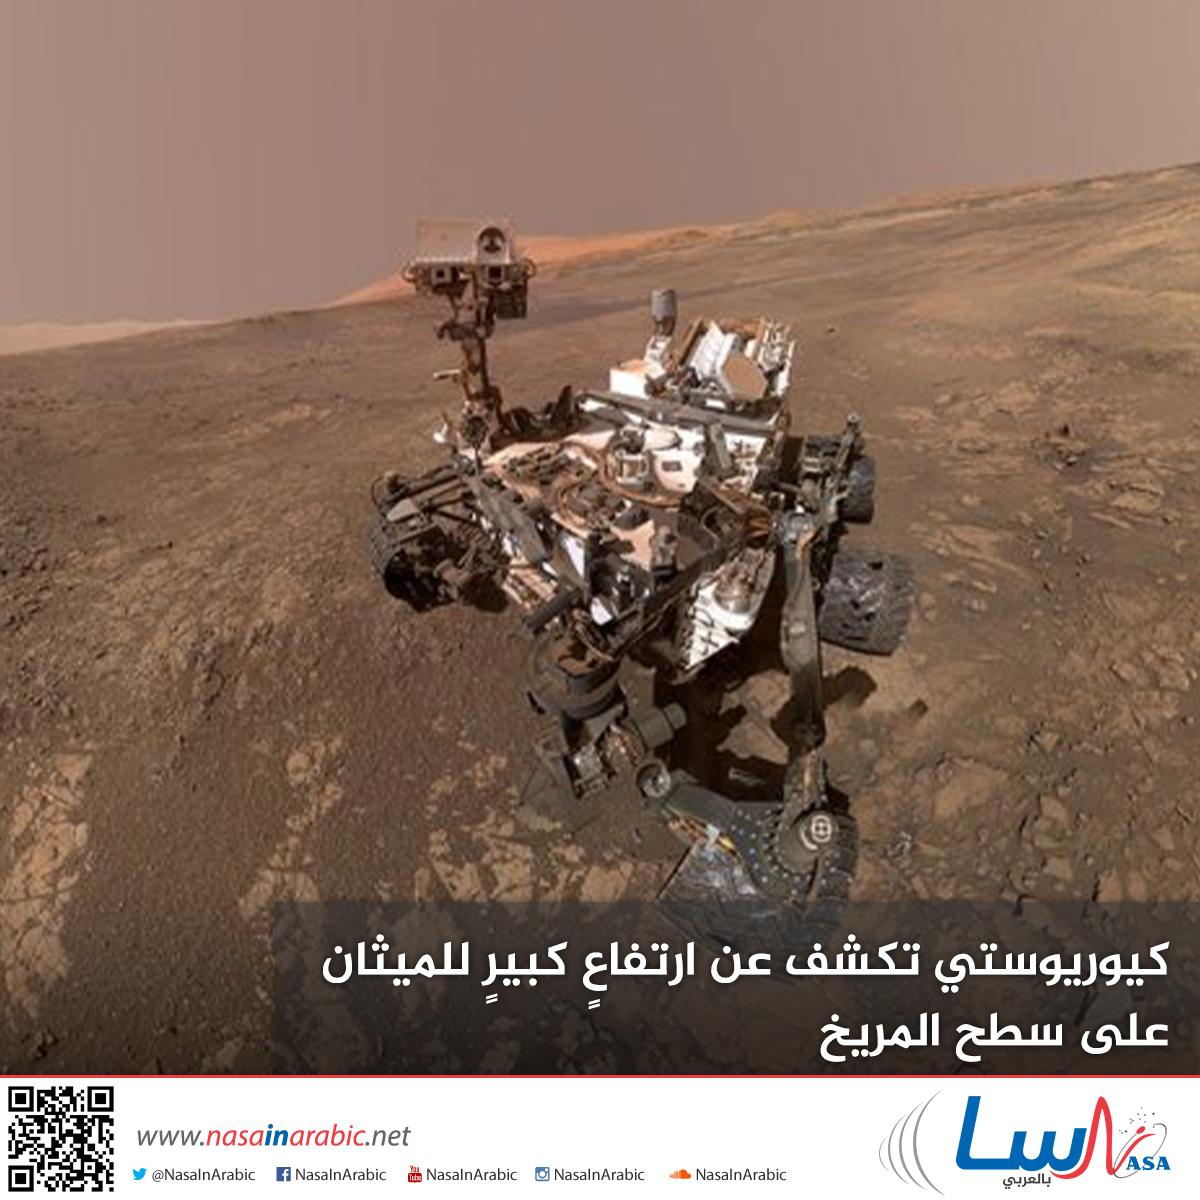 كيوريوستي تكشف عن ارتفاع كبير للميثان على سطح المريخ